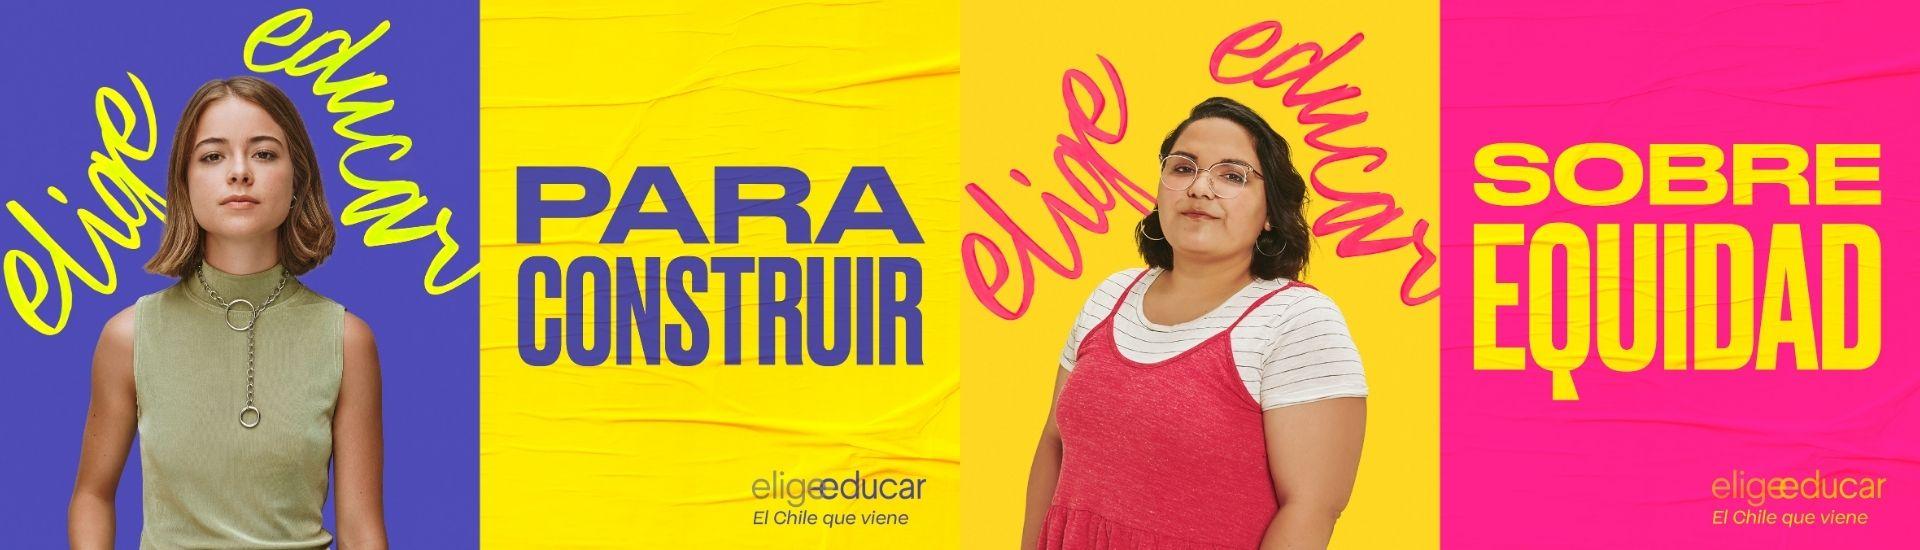 Dos retratos de dos Daniela y María José, futuras profesoras que son parte de la campaña Elige Educar el Chile Que Viene